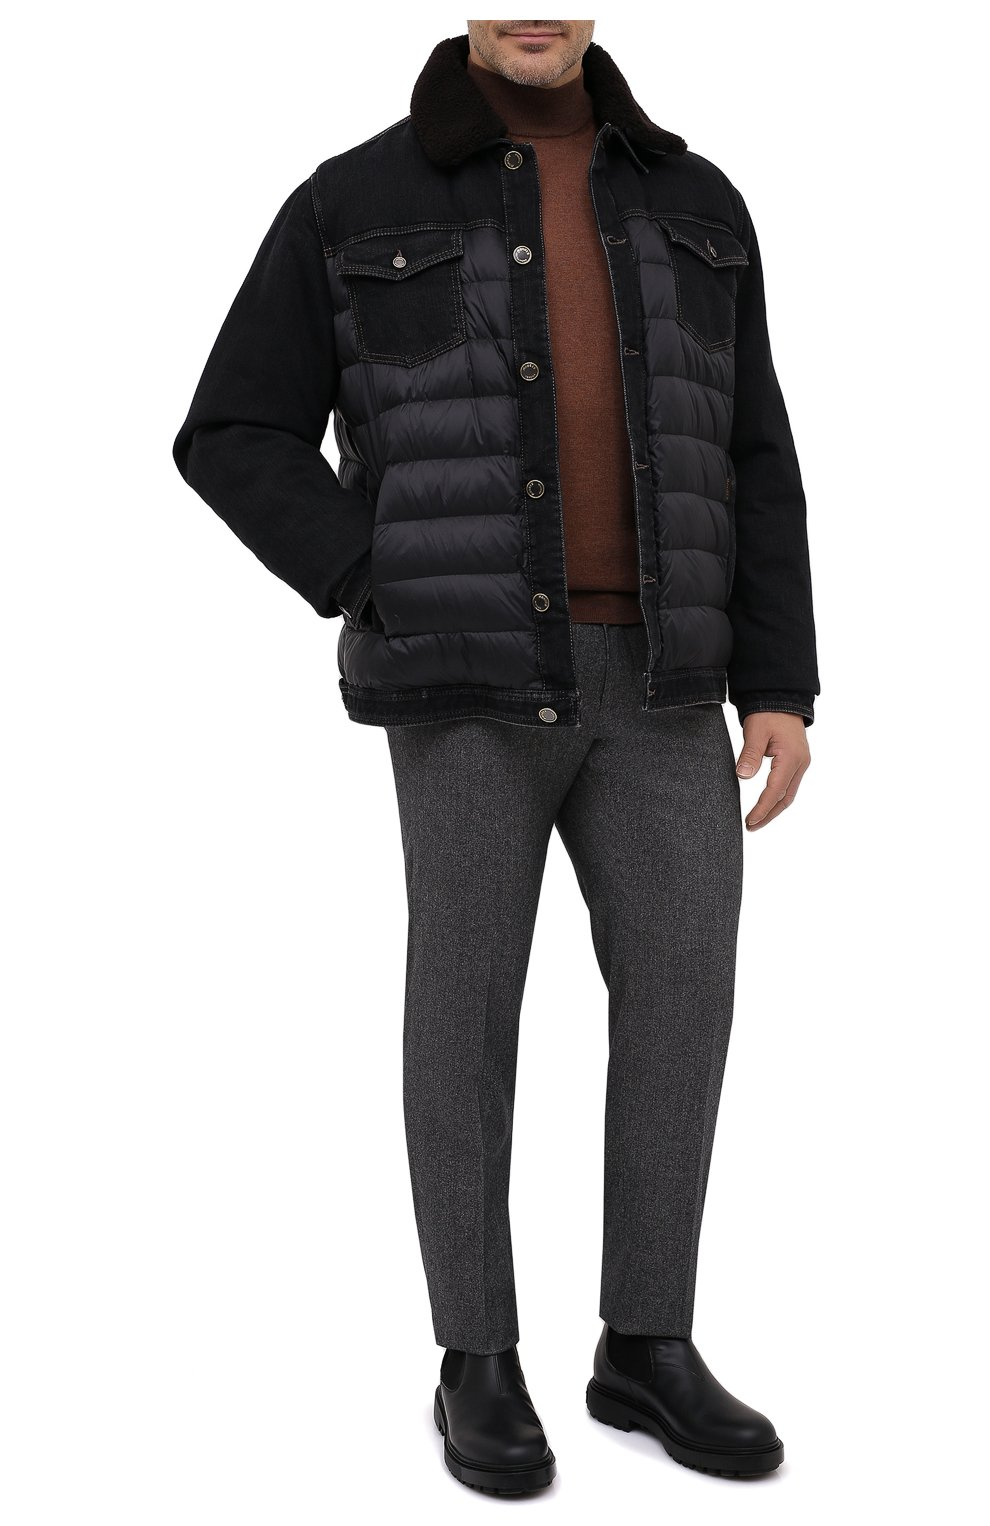 Мужская комбинированная куртка mondor MOORER черного цвета, арт. M0ND0R/FUR-106S/A20M880DC16 | Фото 2 (Кросс-КТ: Куртка, Пуховик; Big sizes: Big Sizes; Мужское Кросс-КТ: пуховик-короткий, Пуховик-верхняя одежда, Верхняя одежда; Рукава: Длинные; Материал внешний: Хлопок; Материал подклада: Синтетический материал; Длина (верхняя одежда): Короткие; Стили: Кэжуэл)